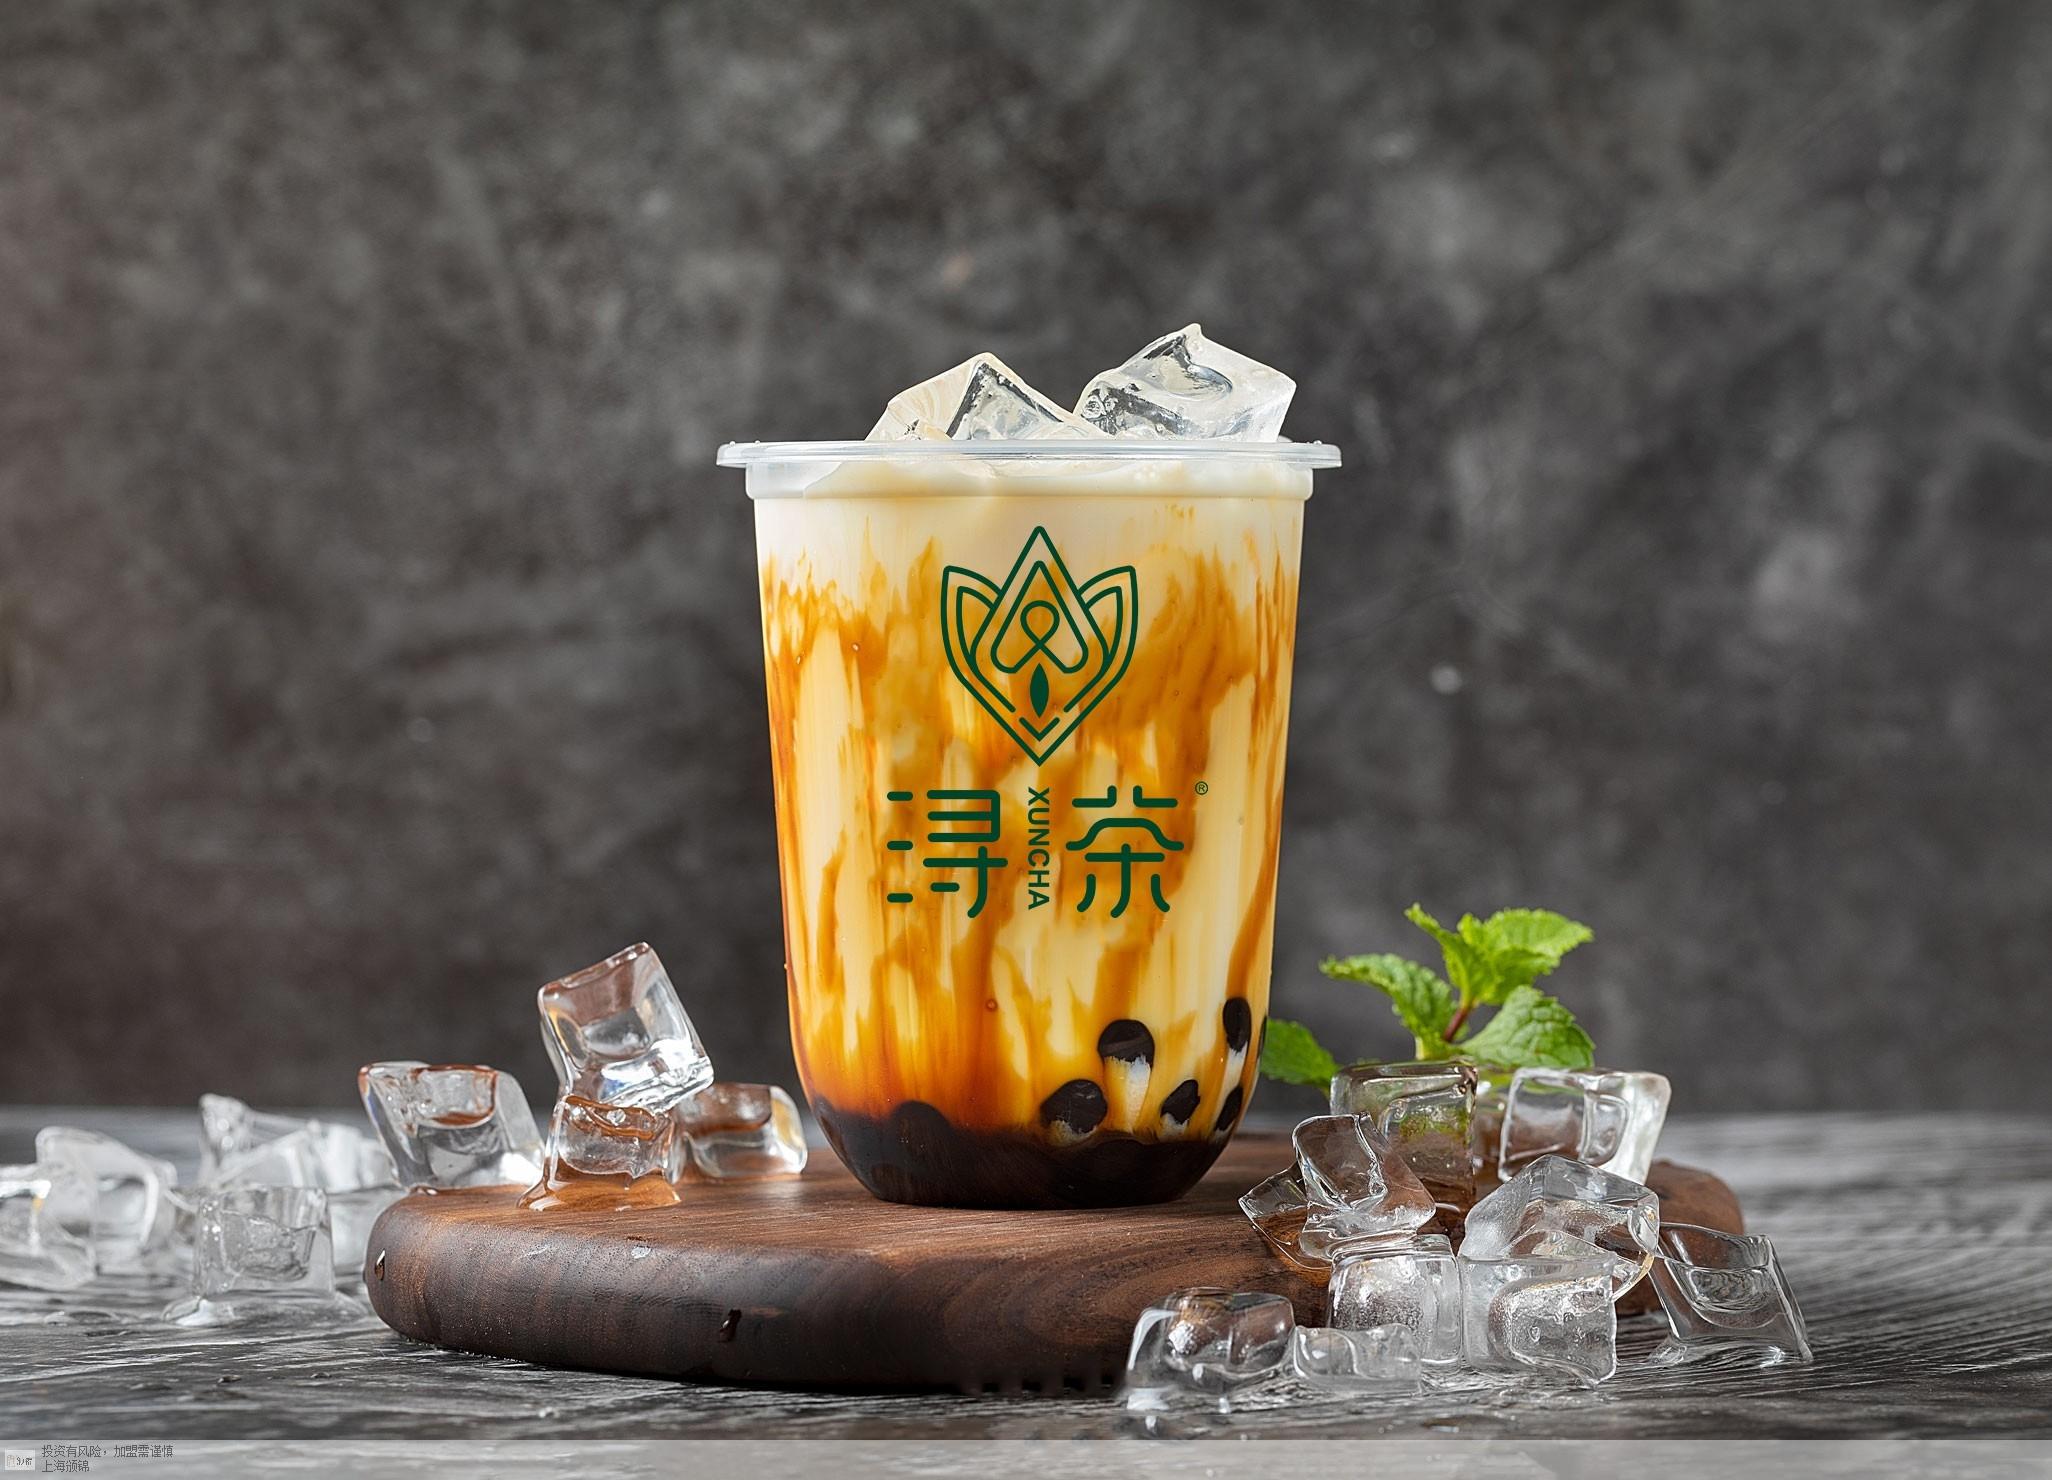 江苏奶茶店招商「上海颁锦企业管理供应」